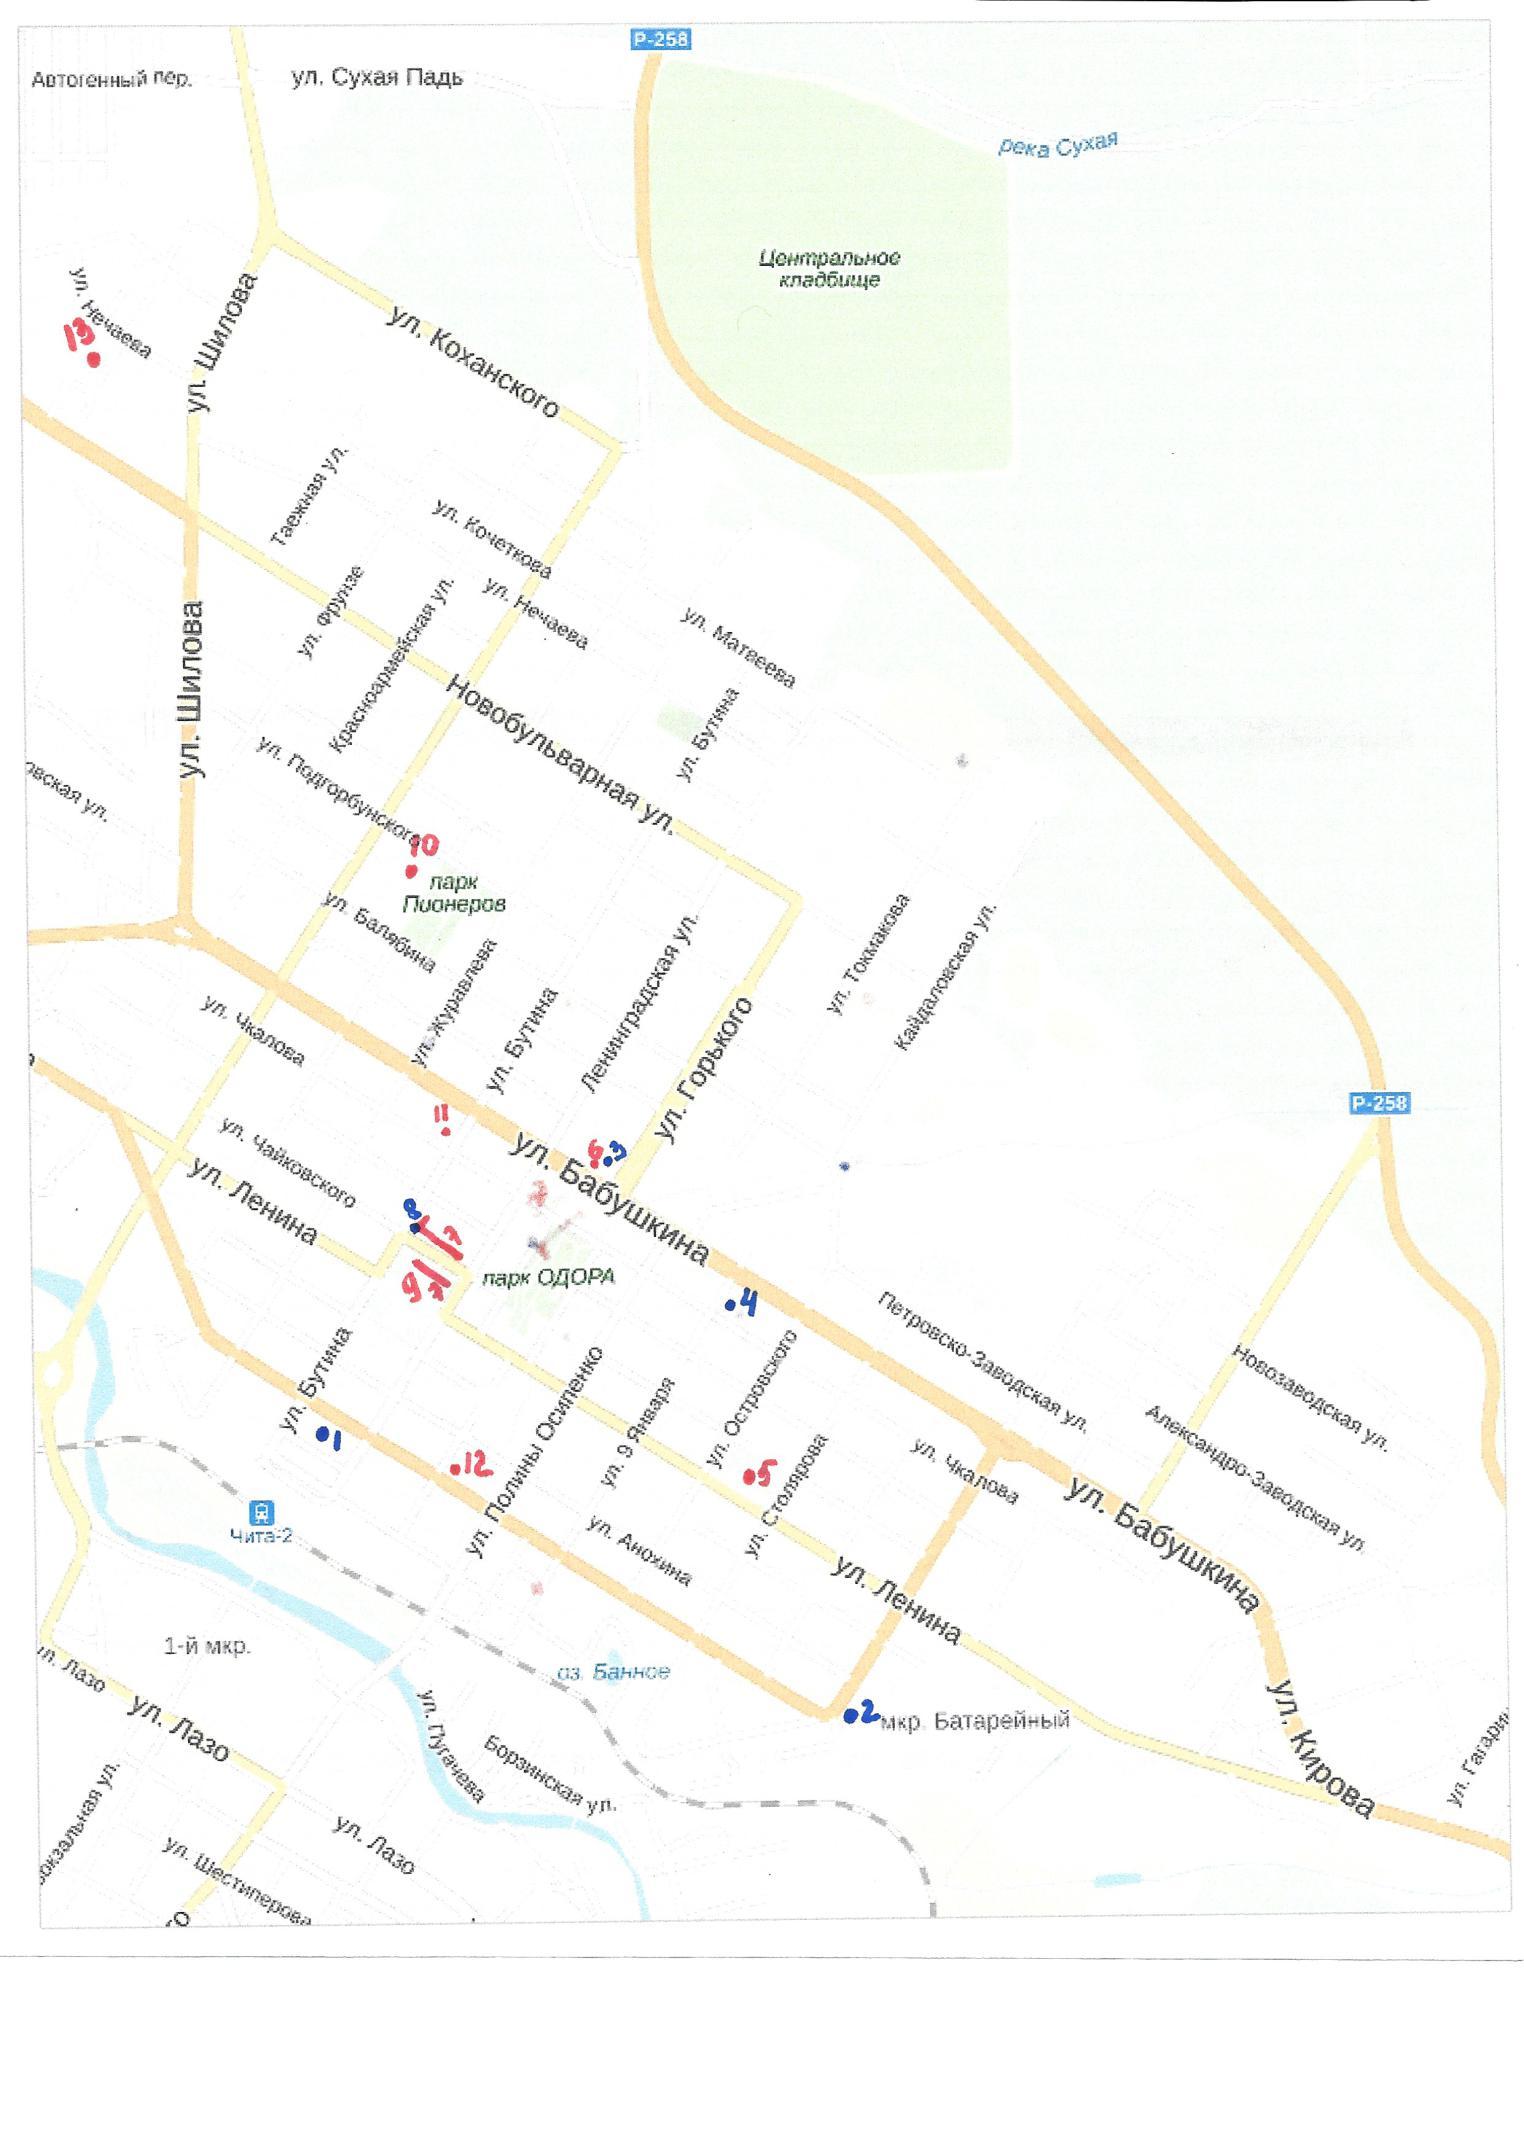 C:\Users\Александр\Desktop\Временная\карта геокешинг.tif